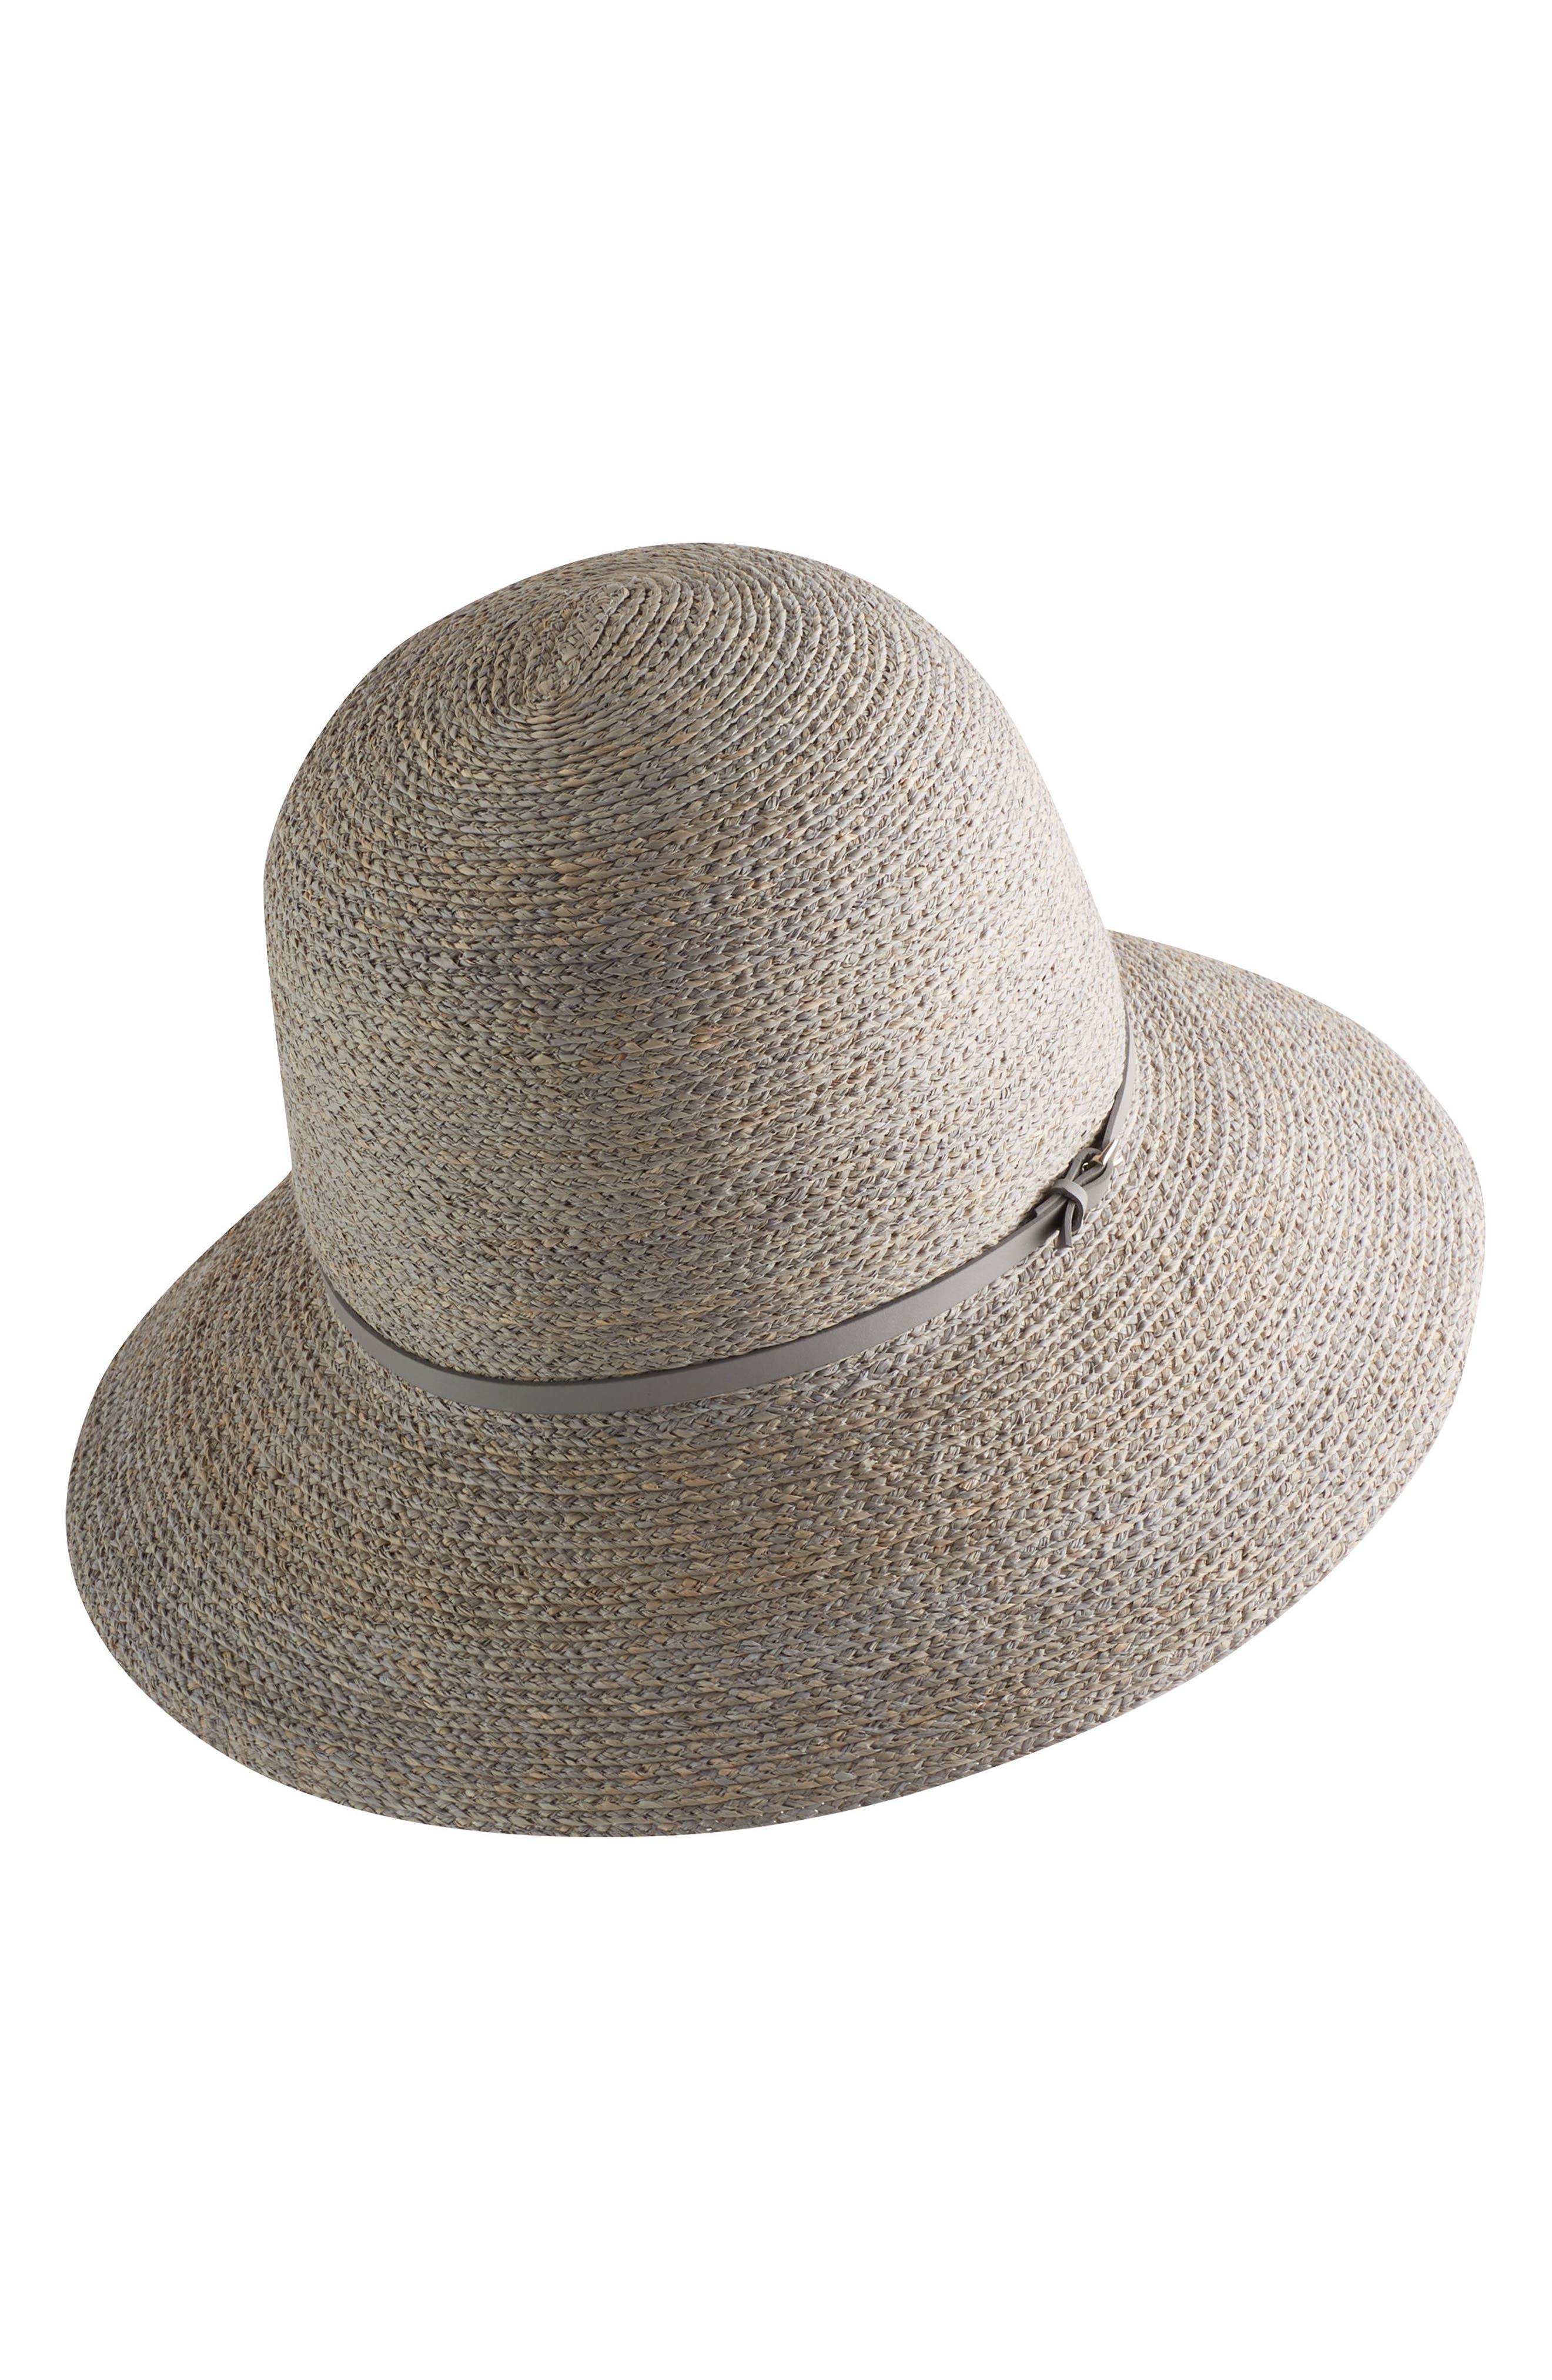 Packable Raffia Cloche Hat,                         Main,                         color,